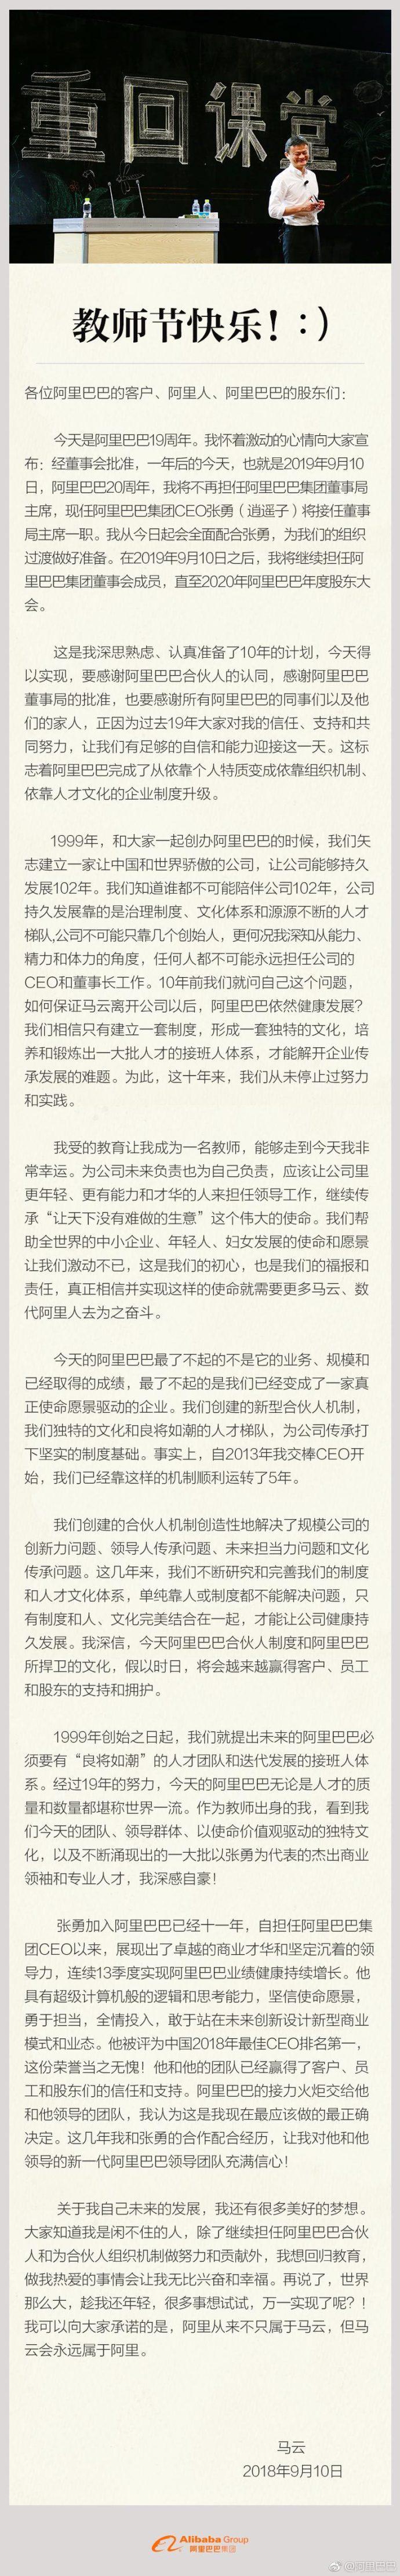 阿里:明年今日马云不再担任董事局主席 张勇接任